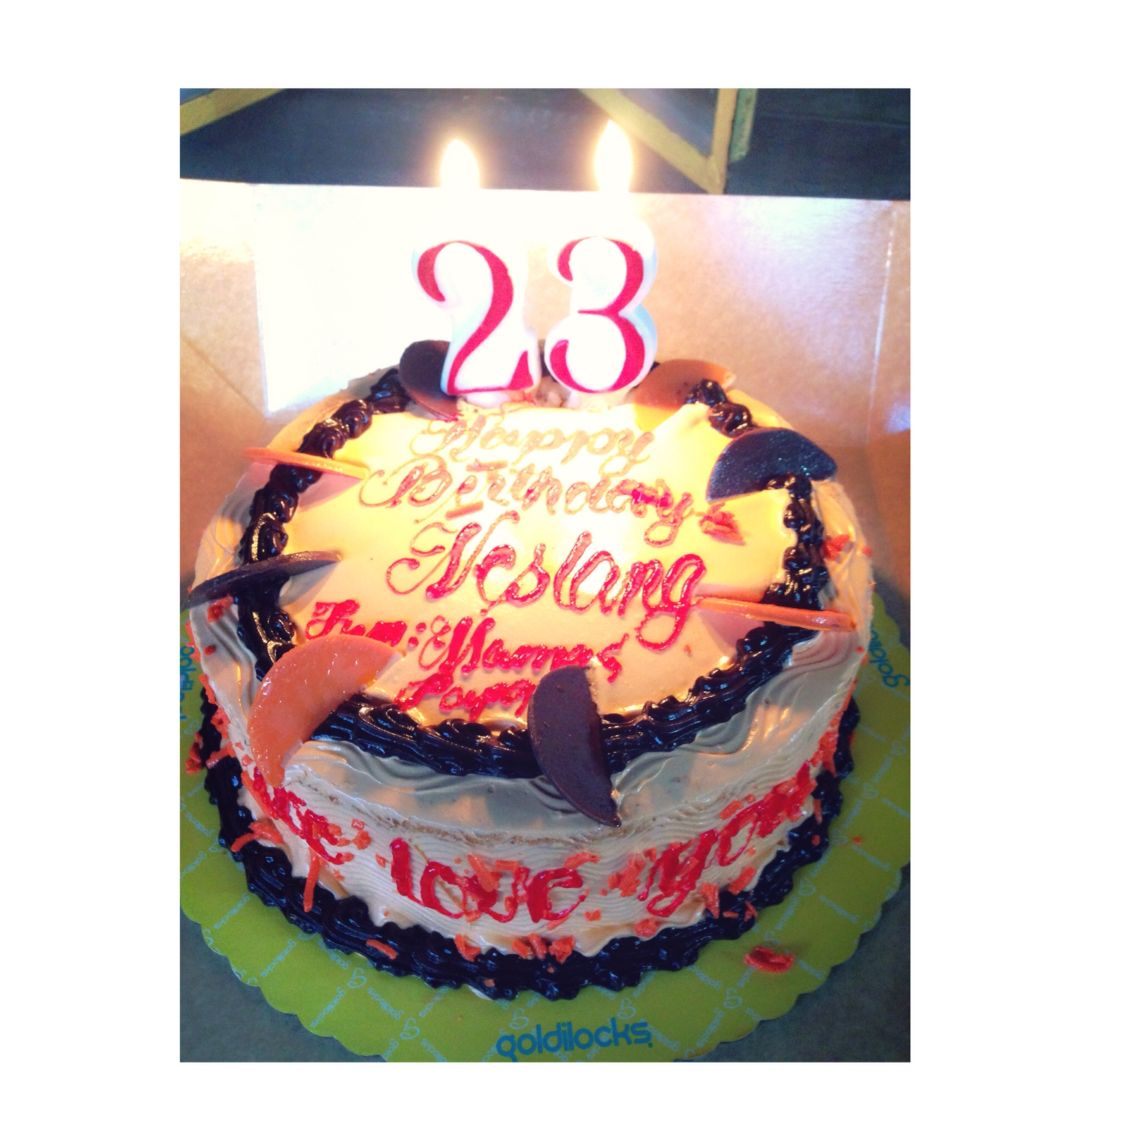 Birthday cake 23 birthday cake foodgasm pinterest 23rd birthday cake 23 birthday cake thecheapjerseys Gallery